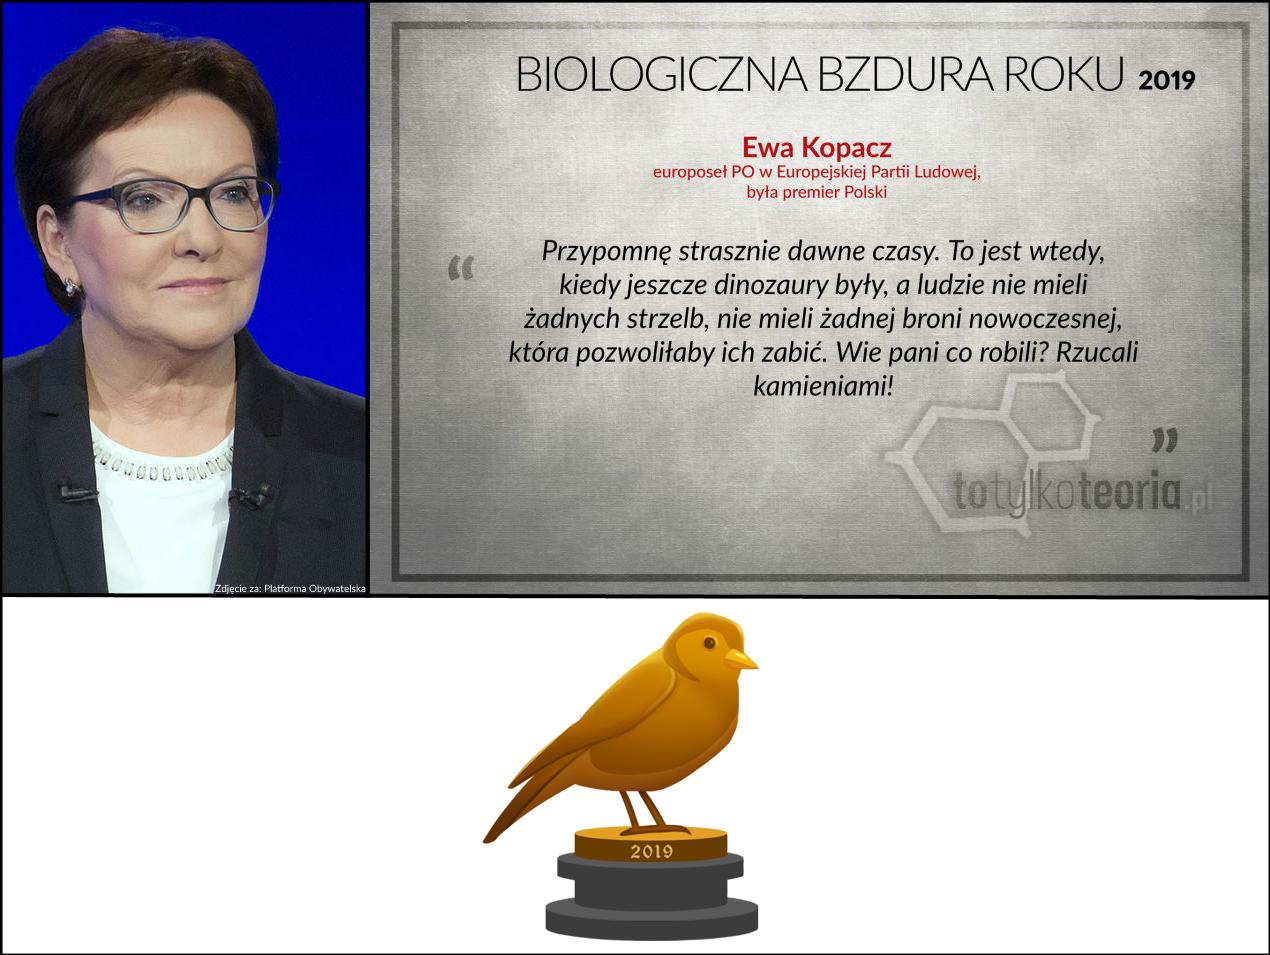 Biologiczna Bzdura Roku 2019 Ewa Kopacz